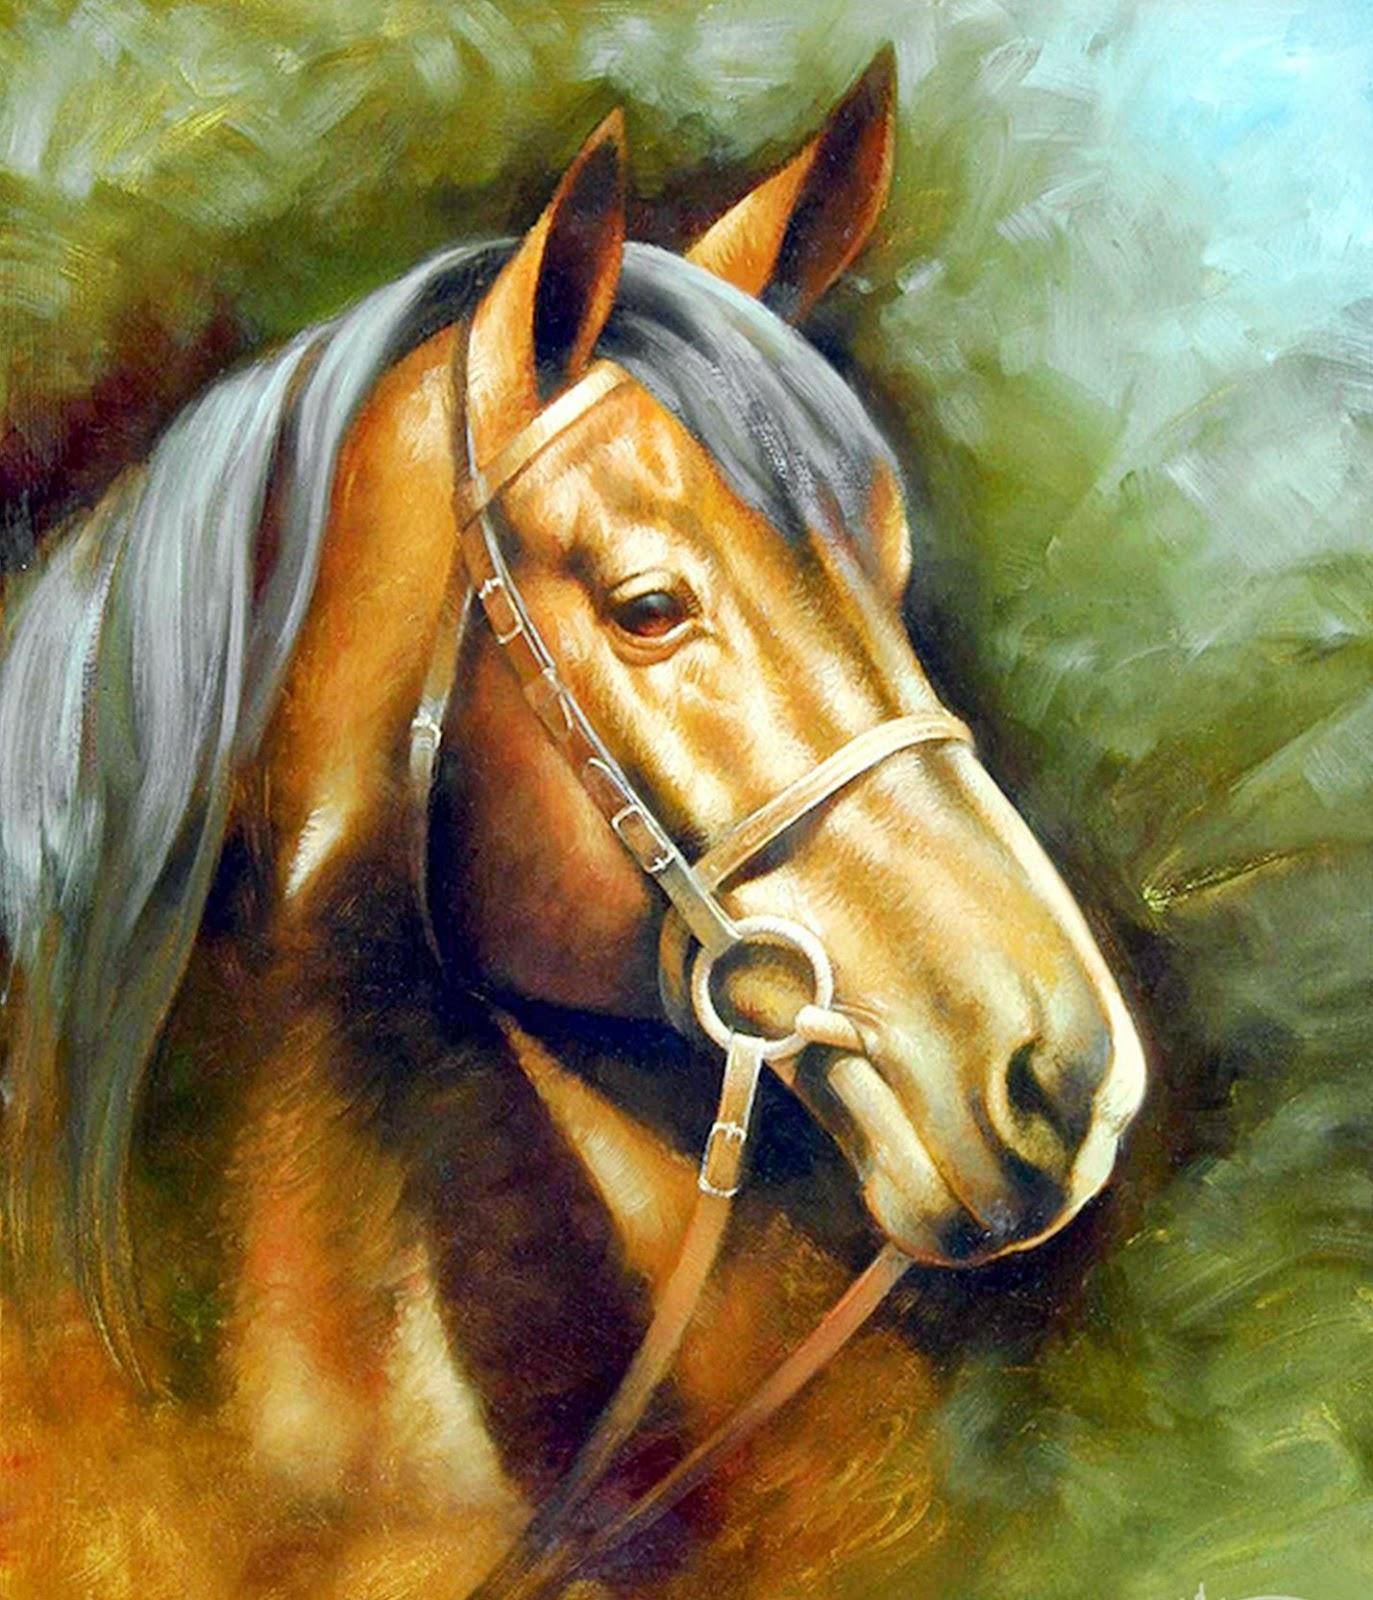 cabezas-de-caballo-al-oleo